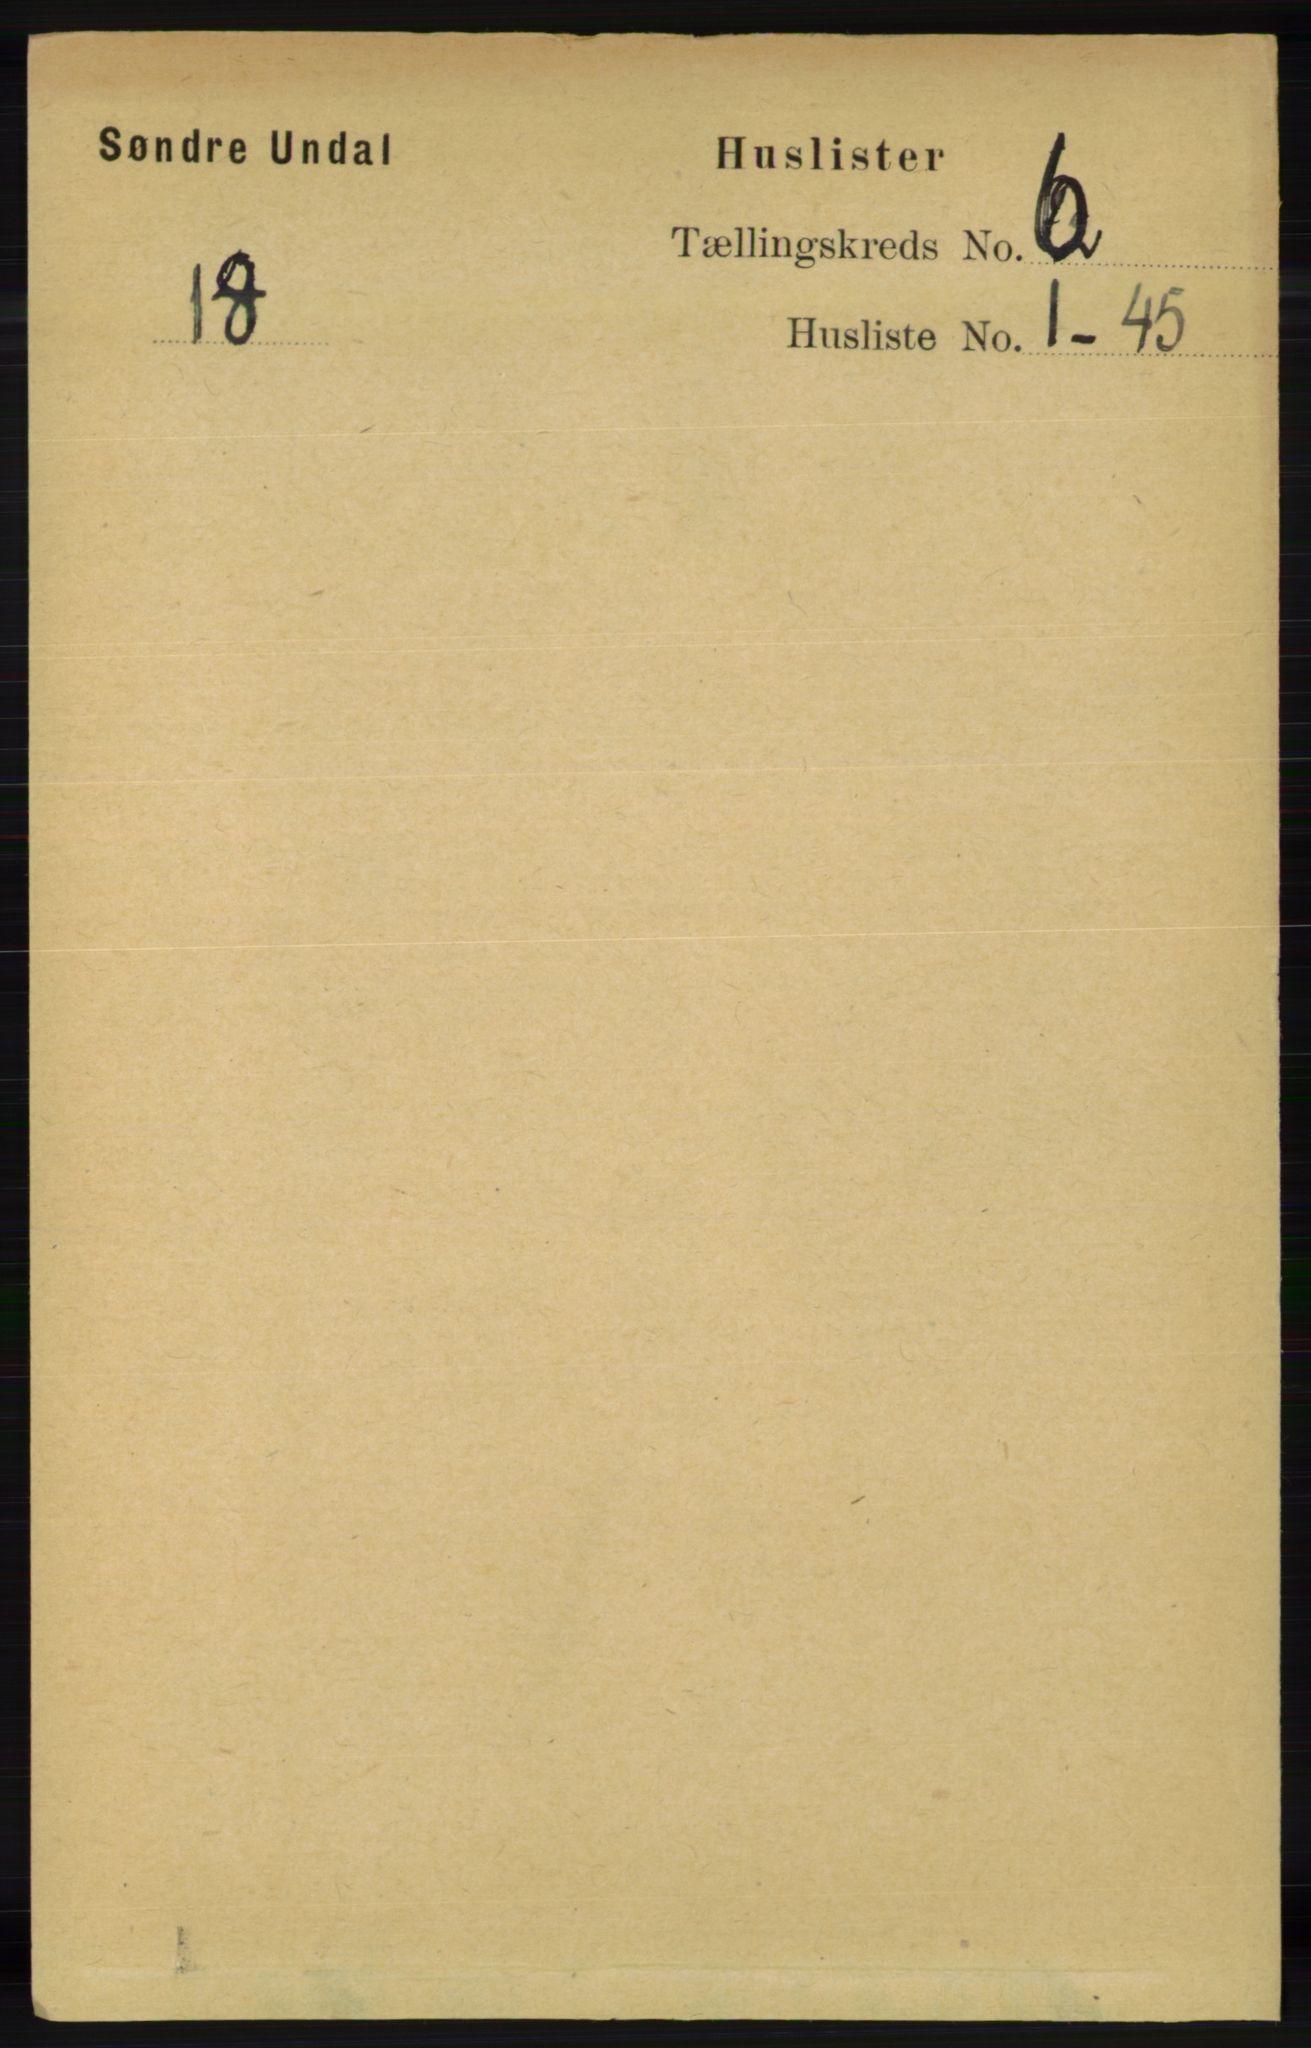 RA, Folketelling 1891 for 1029 Sør-Audnedal herred, 1891, s. 2236